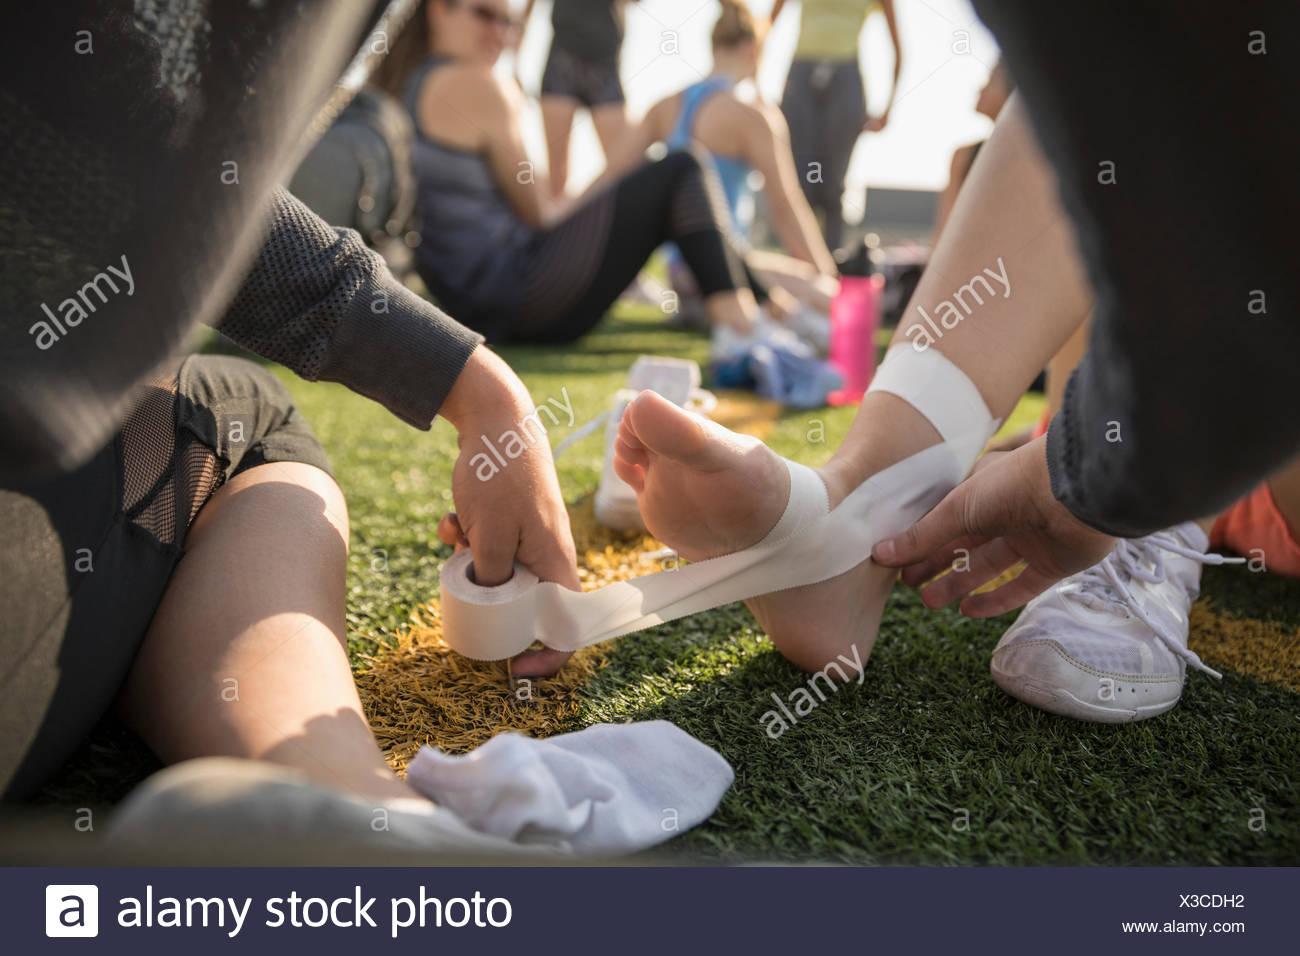 Ragazza adolescente high school cheerleader taping piedi e caviglie con nastro Immagini Stock